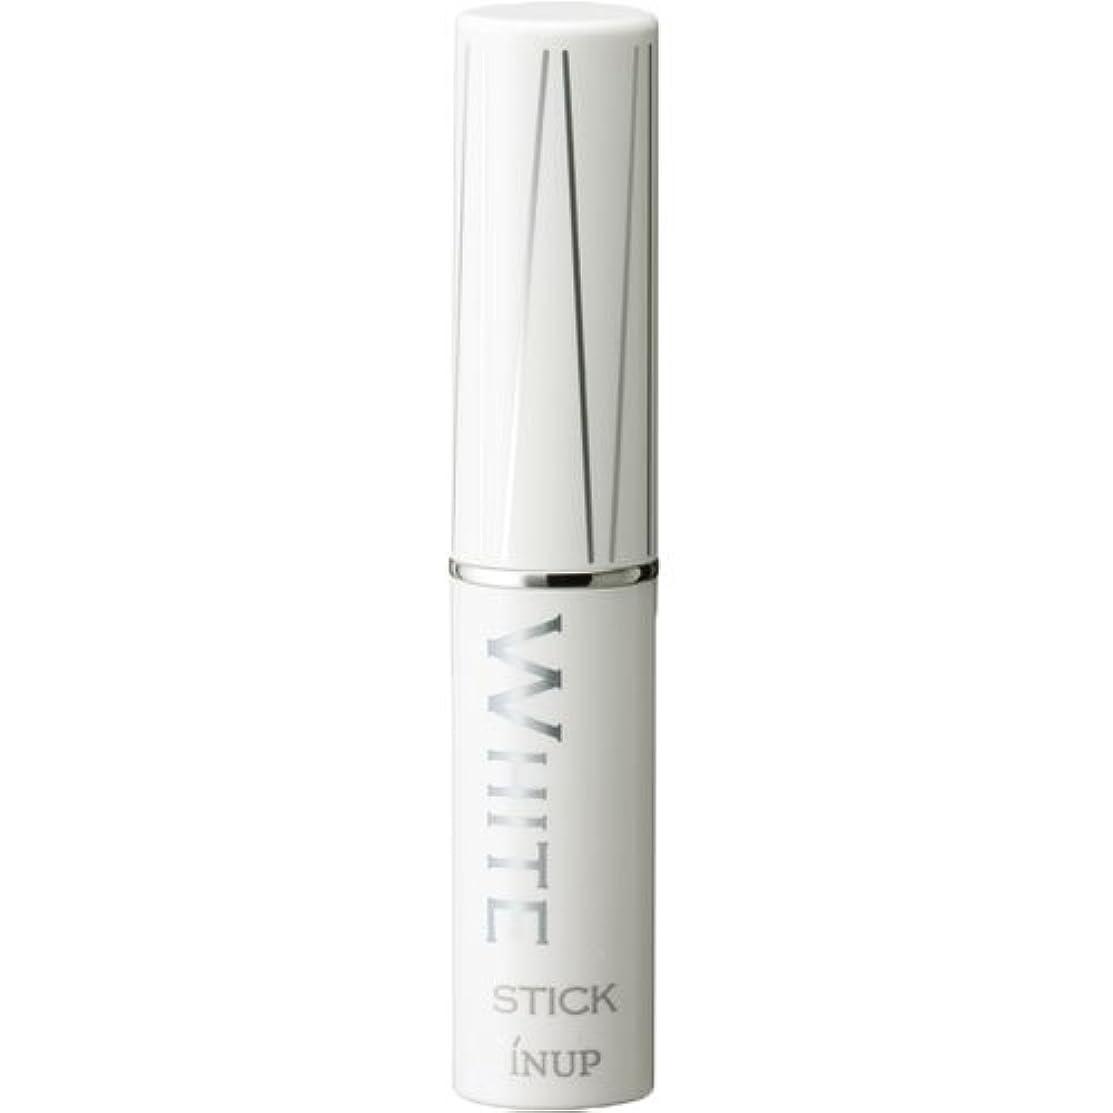 努力からかう頼むインナップ 美容スティック ビタミンC誘導体85% 配合 ホワイトスティック